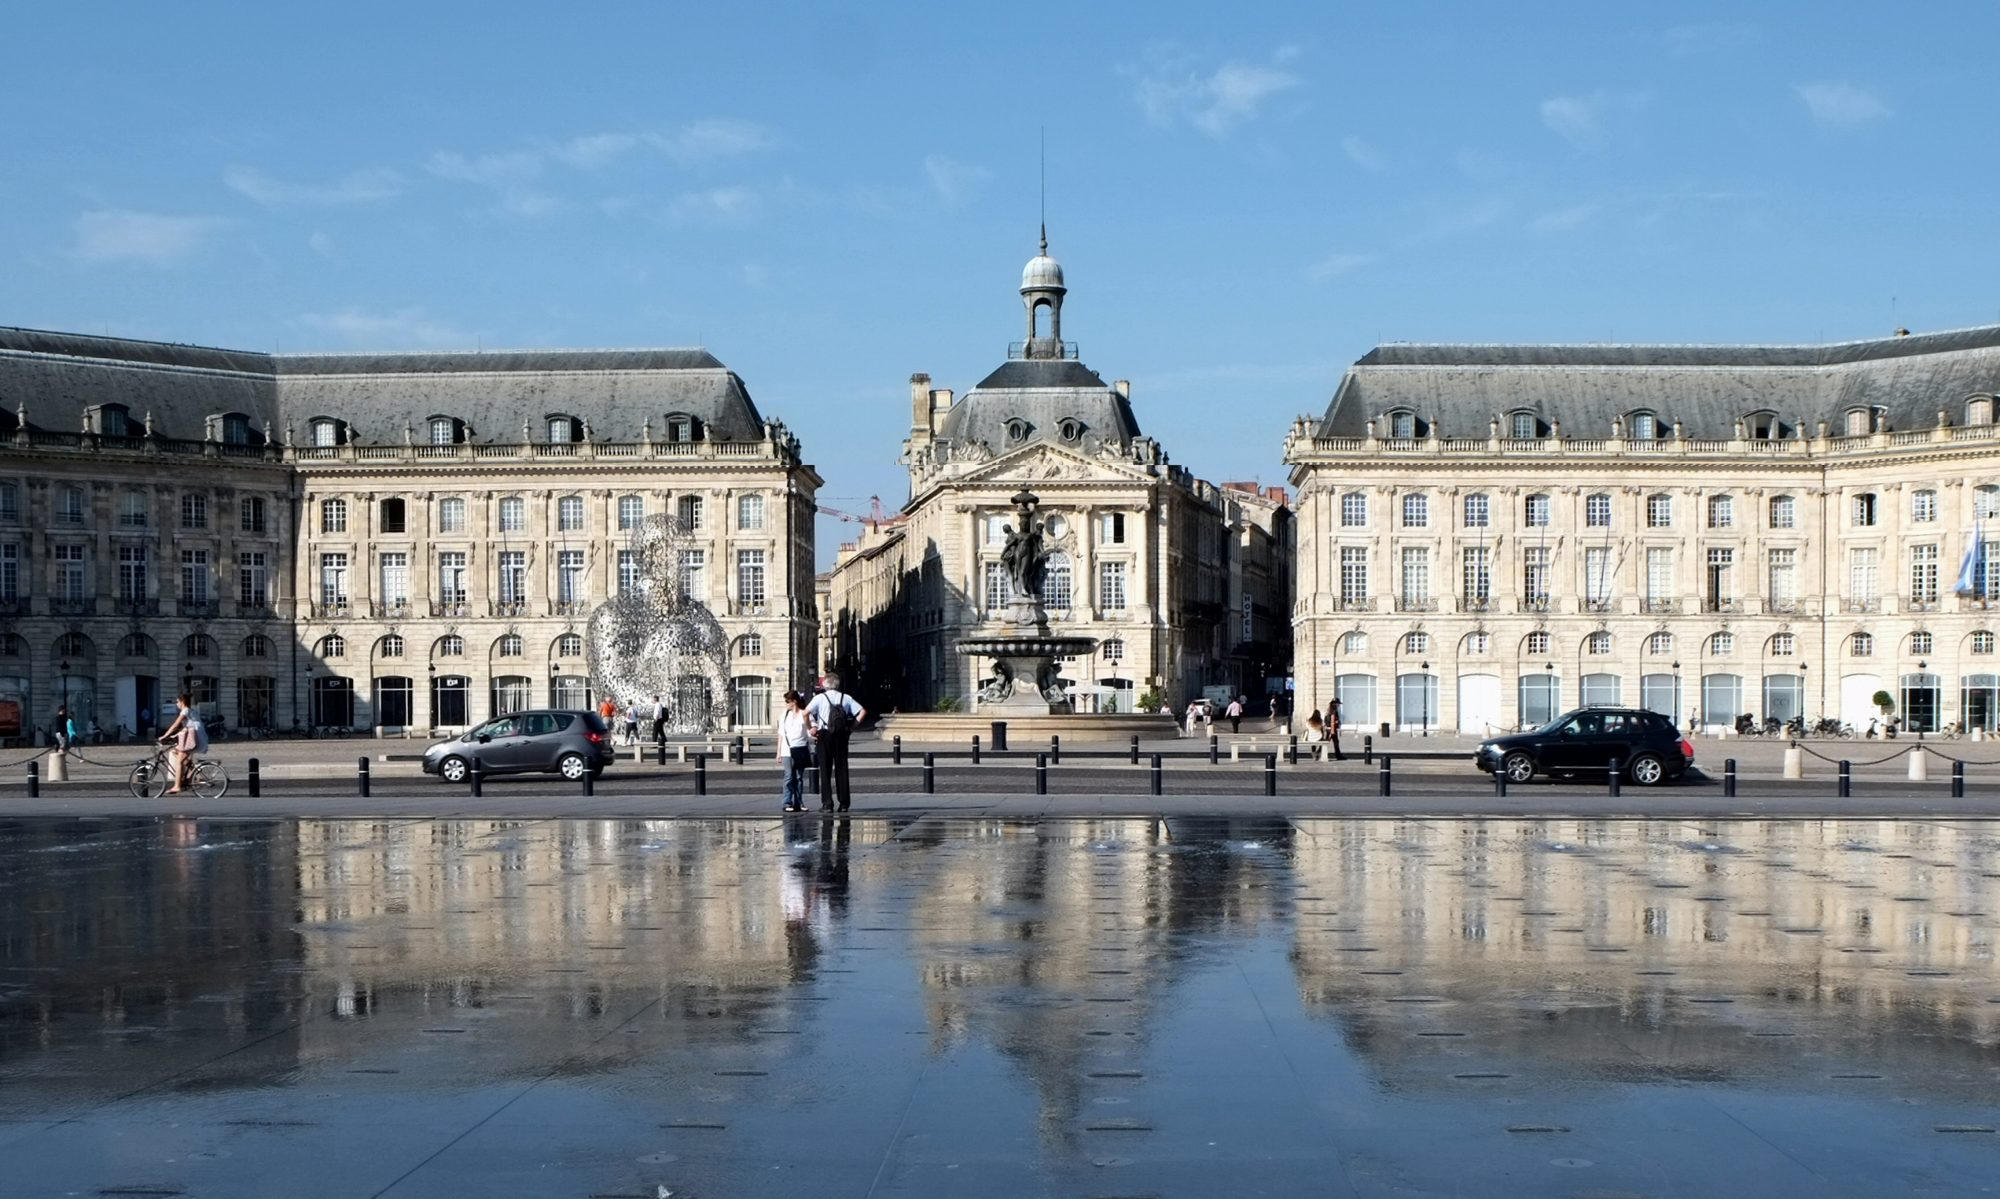 Hotel à Bordeaux : Où se loger pour visiter la ville ?